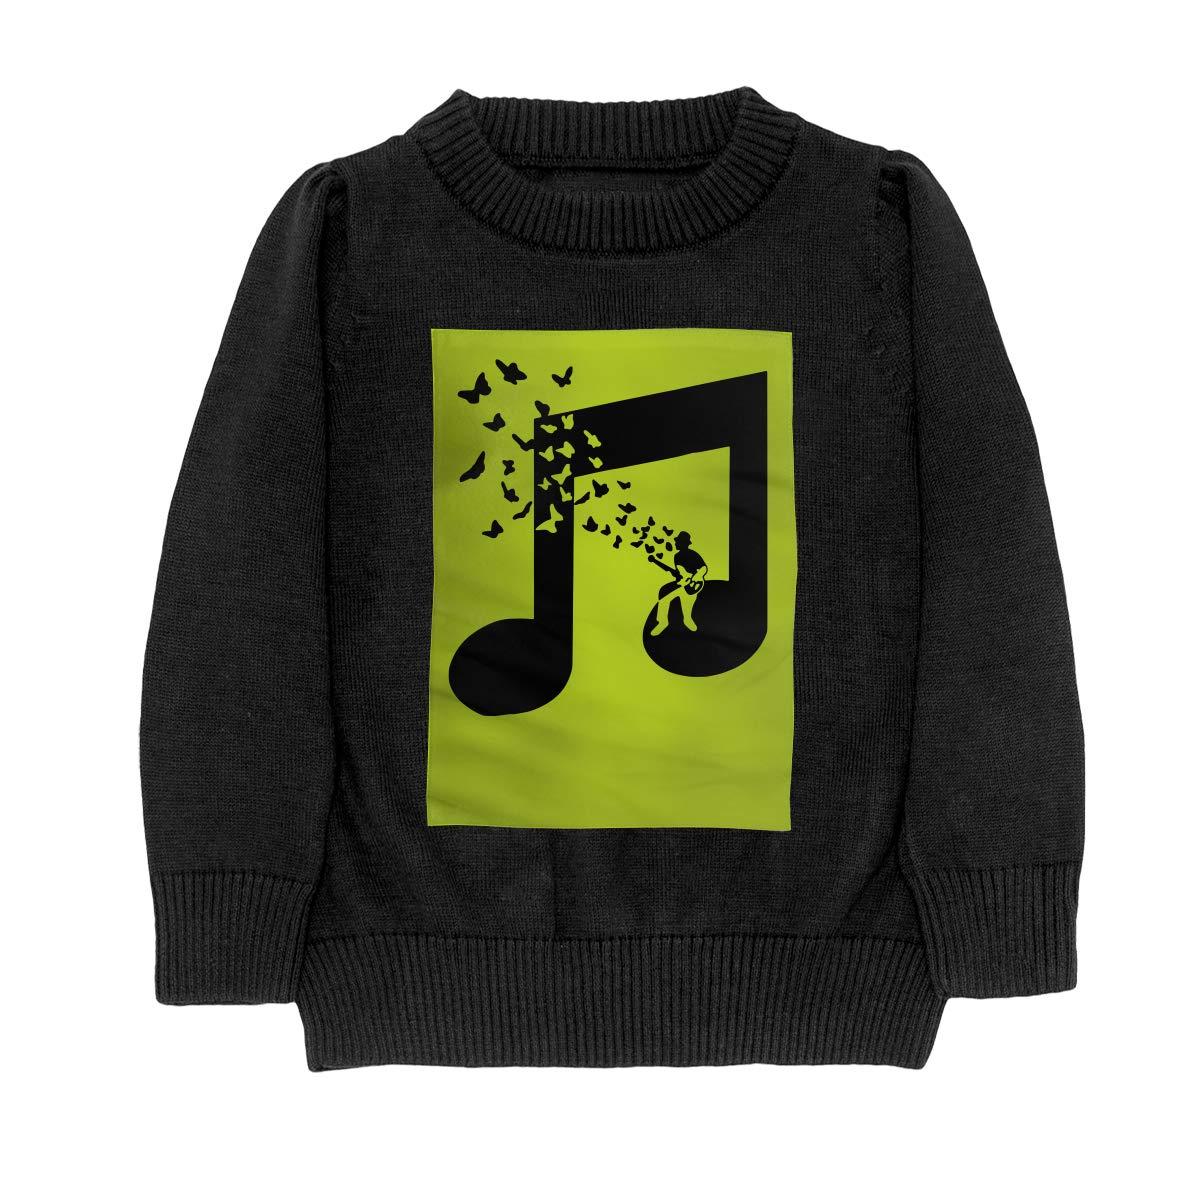 I Play Bass Guitar Music Note Butterflies Musician Fashion Adolescent Boys Girls Unisex Sweater Keep Warm